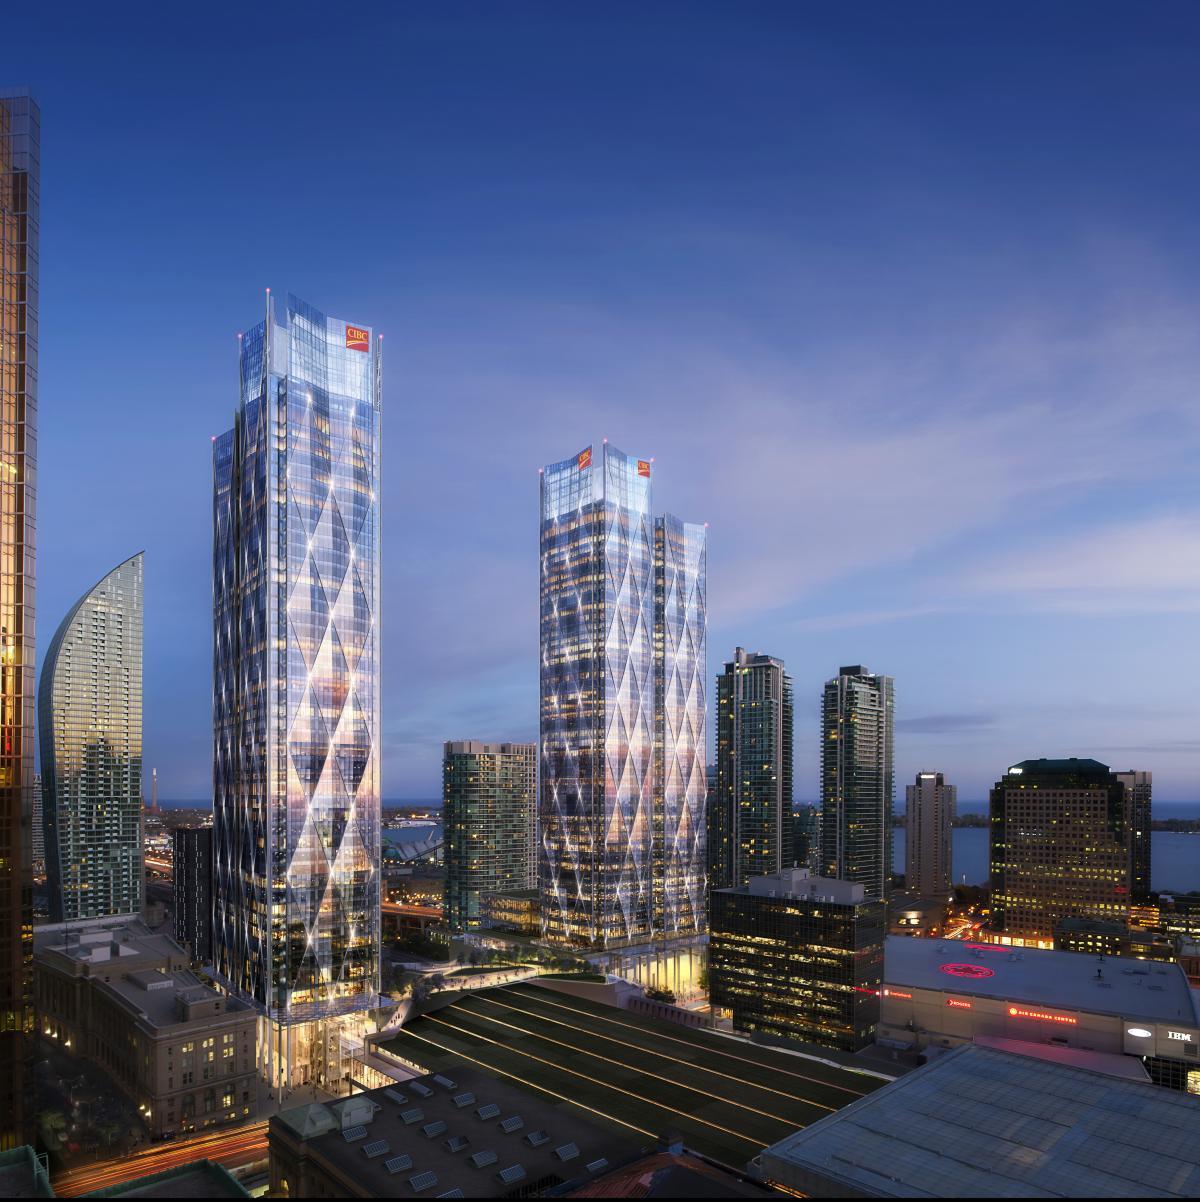 شهر تورنتو در سال 2030: چگونه زندگی و کار و تفریح خواهیم کرد؟